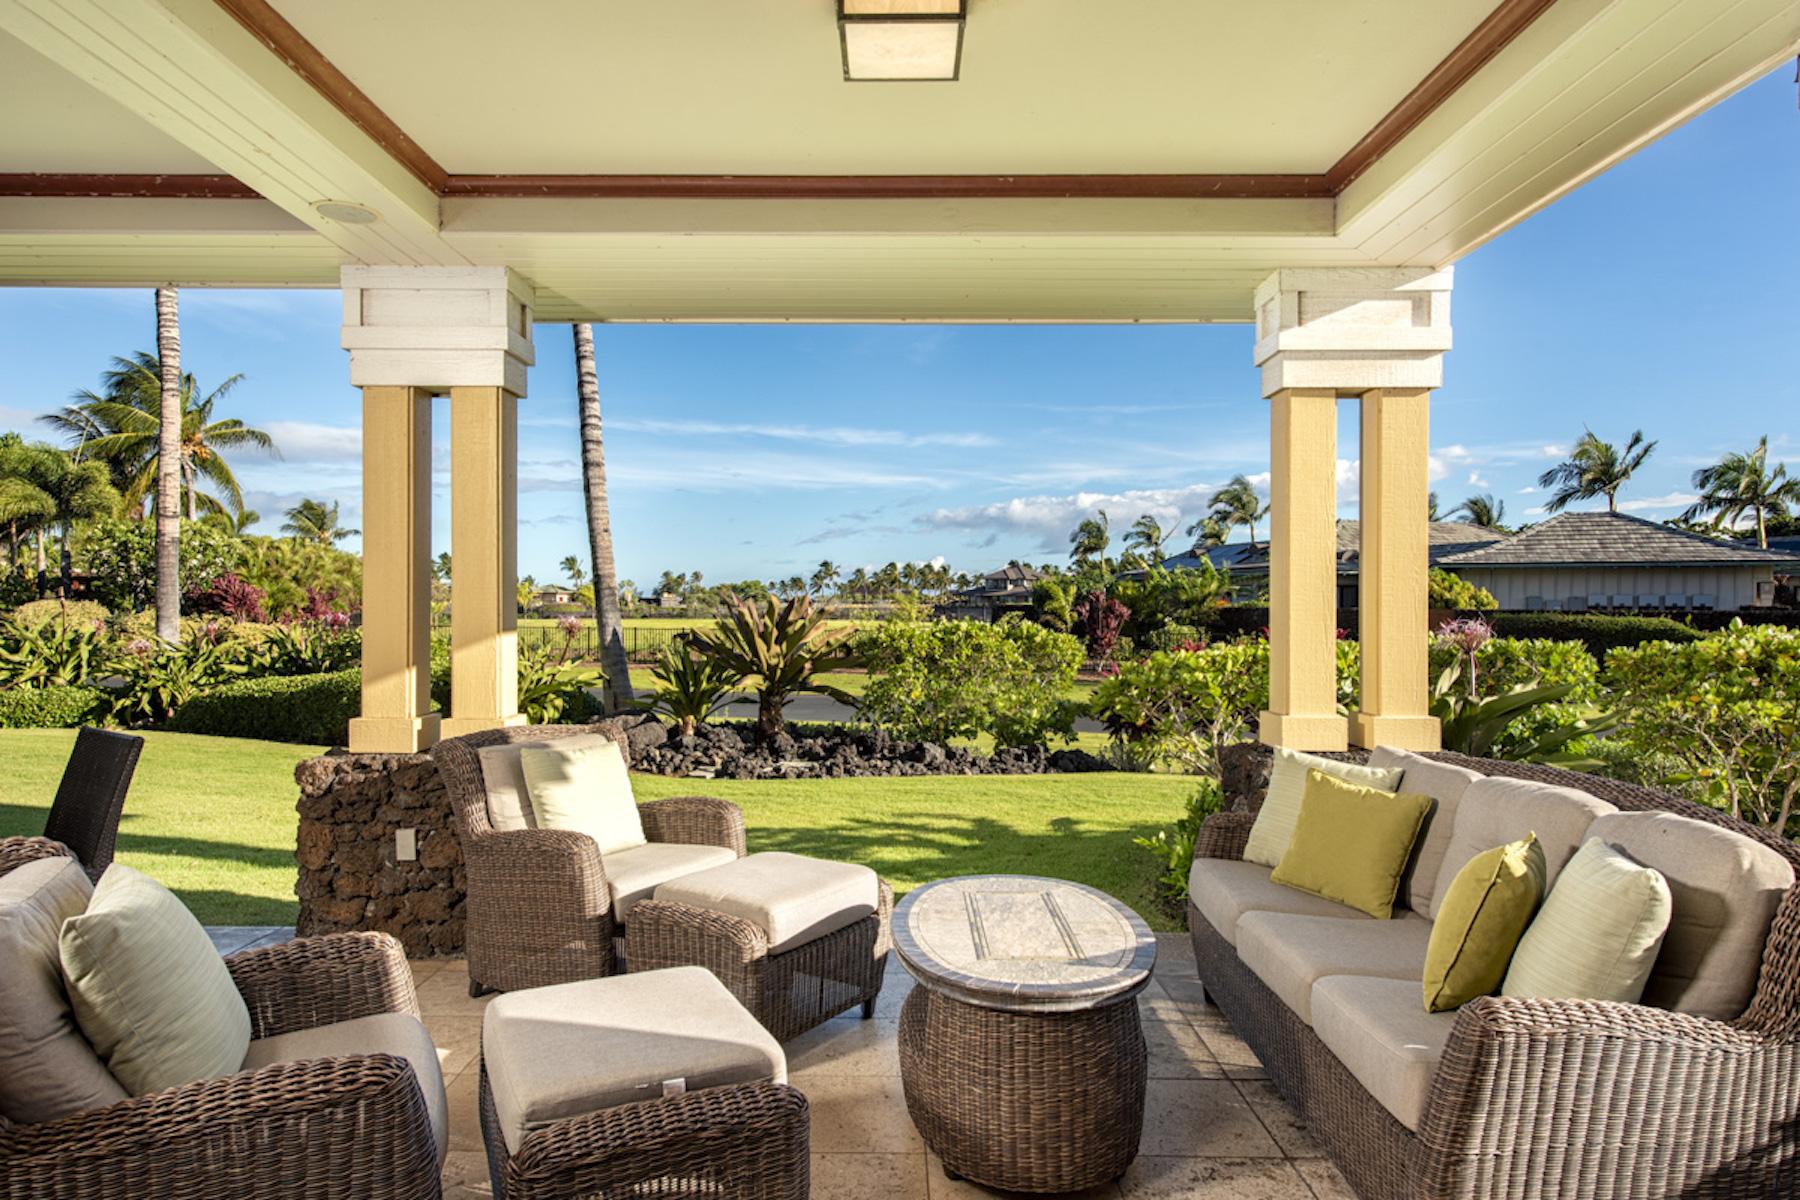 Single Family Home for Sale at Kolea Condo Villas 69-1000 Kolea Kai Circle 3D Waikoloa, Hawaii 96738 United States